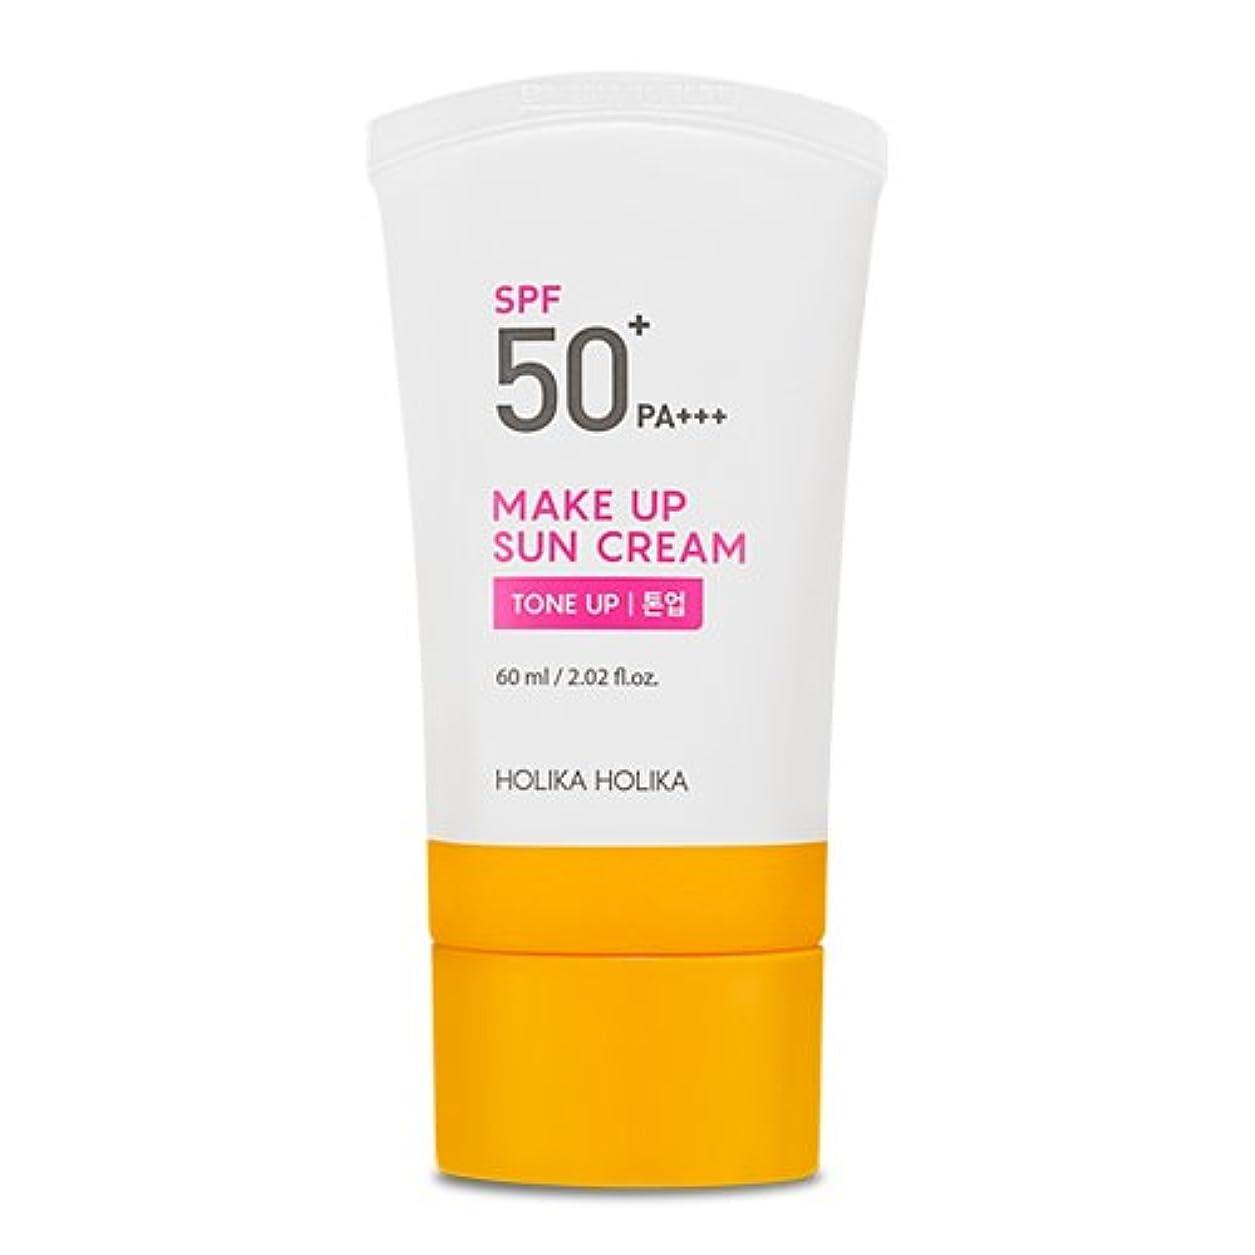 身元丈夫引用[2018]ホリカホリカ メイクアップ 日焼け止めクリーム/UVケア?Holika Holika Make Up Sun Cream SPF50+ PA+++ 60ml [並行輸入品]